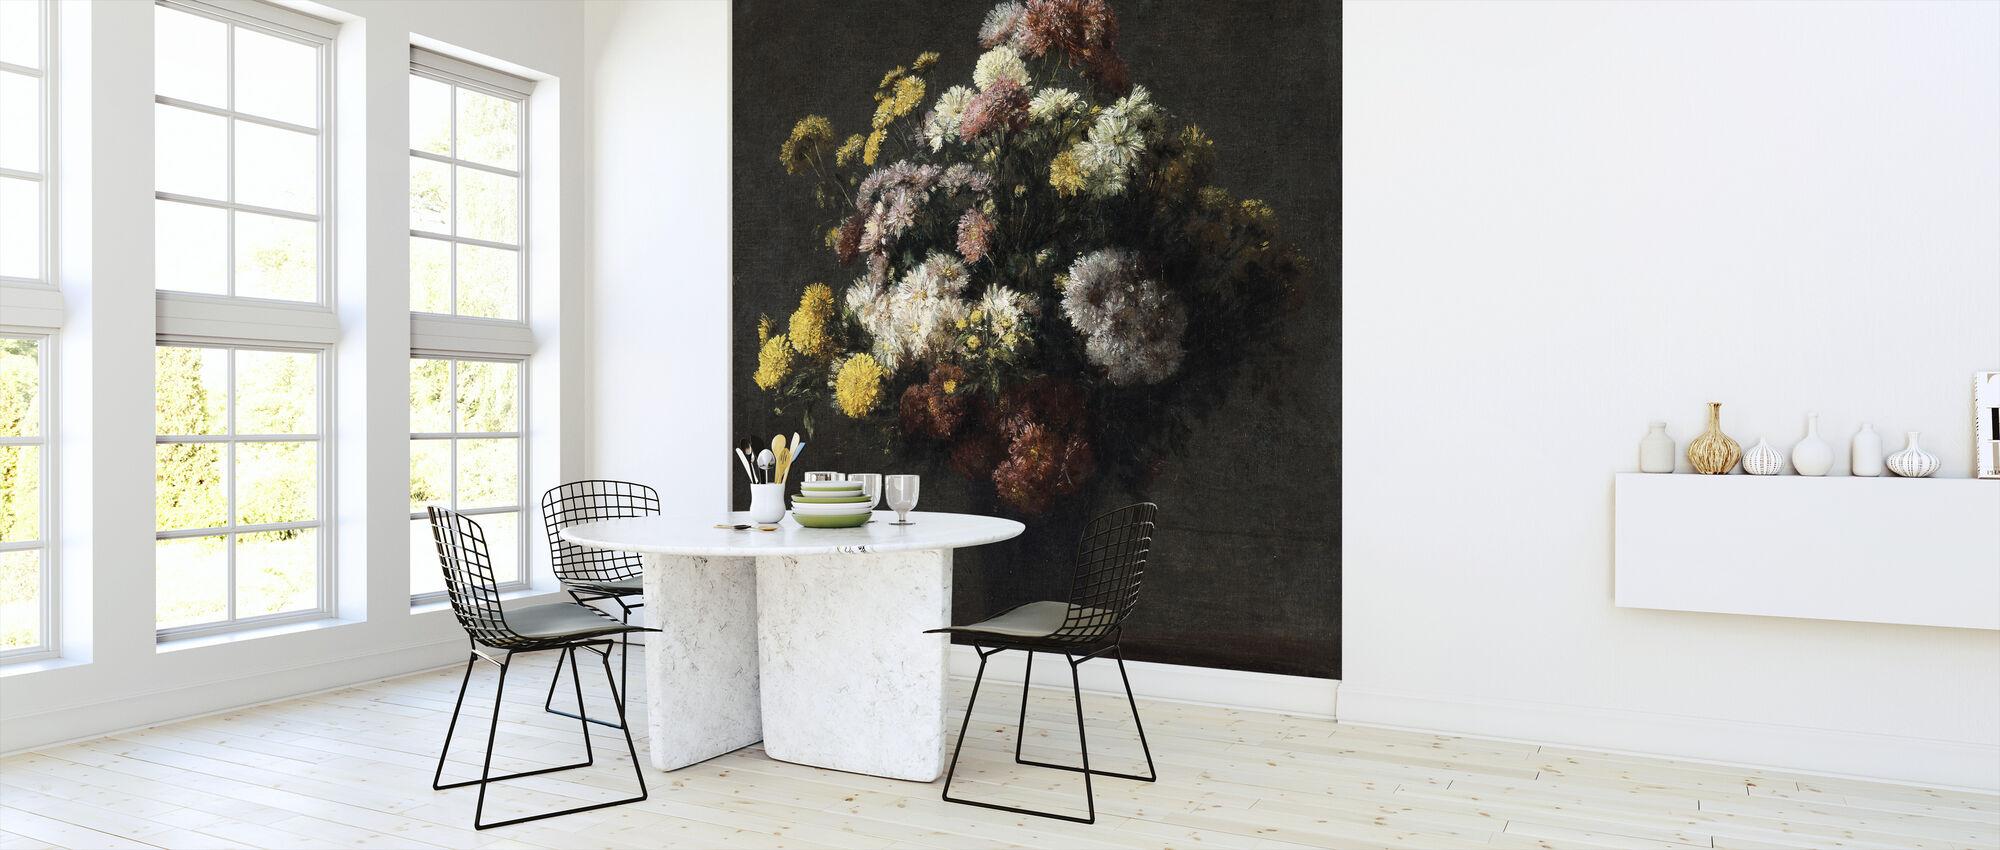 Vase med krysantemum - Henri Fantin Latour - Tapet - Kjøkken